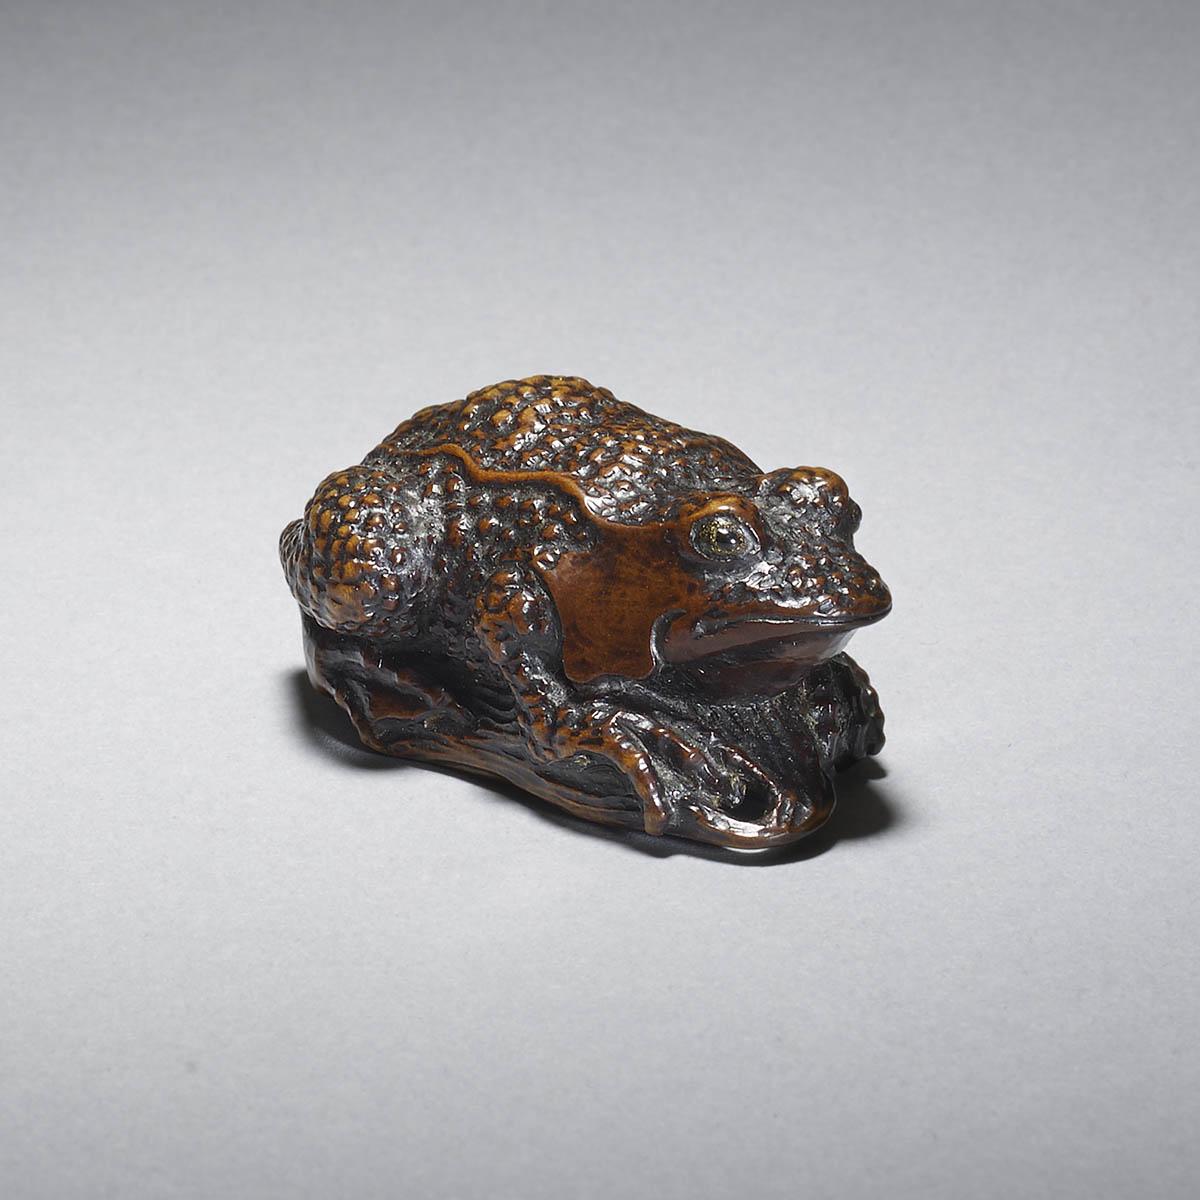 Iwami style soft wood netsuke of a toad